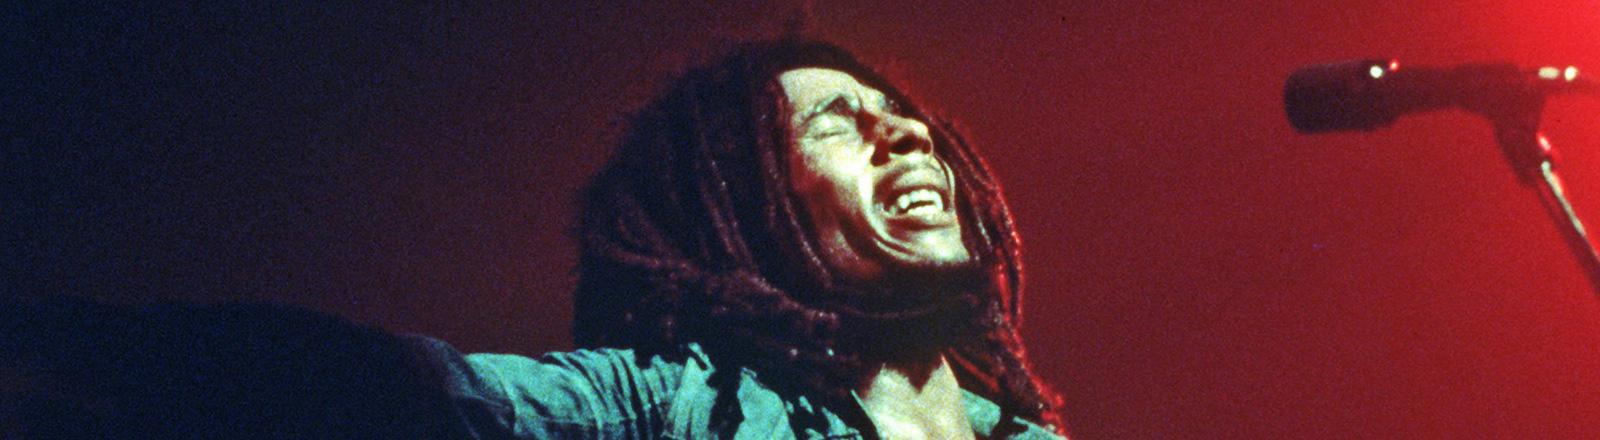 Bob Marley bei einem Konzert. Er hält die Augen geschlossen und schaut schmerzvoll. Vor ihm ist ein Mikrophon; Bild: dpa